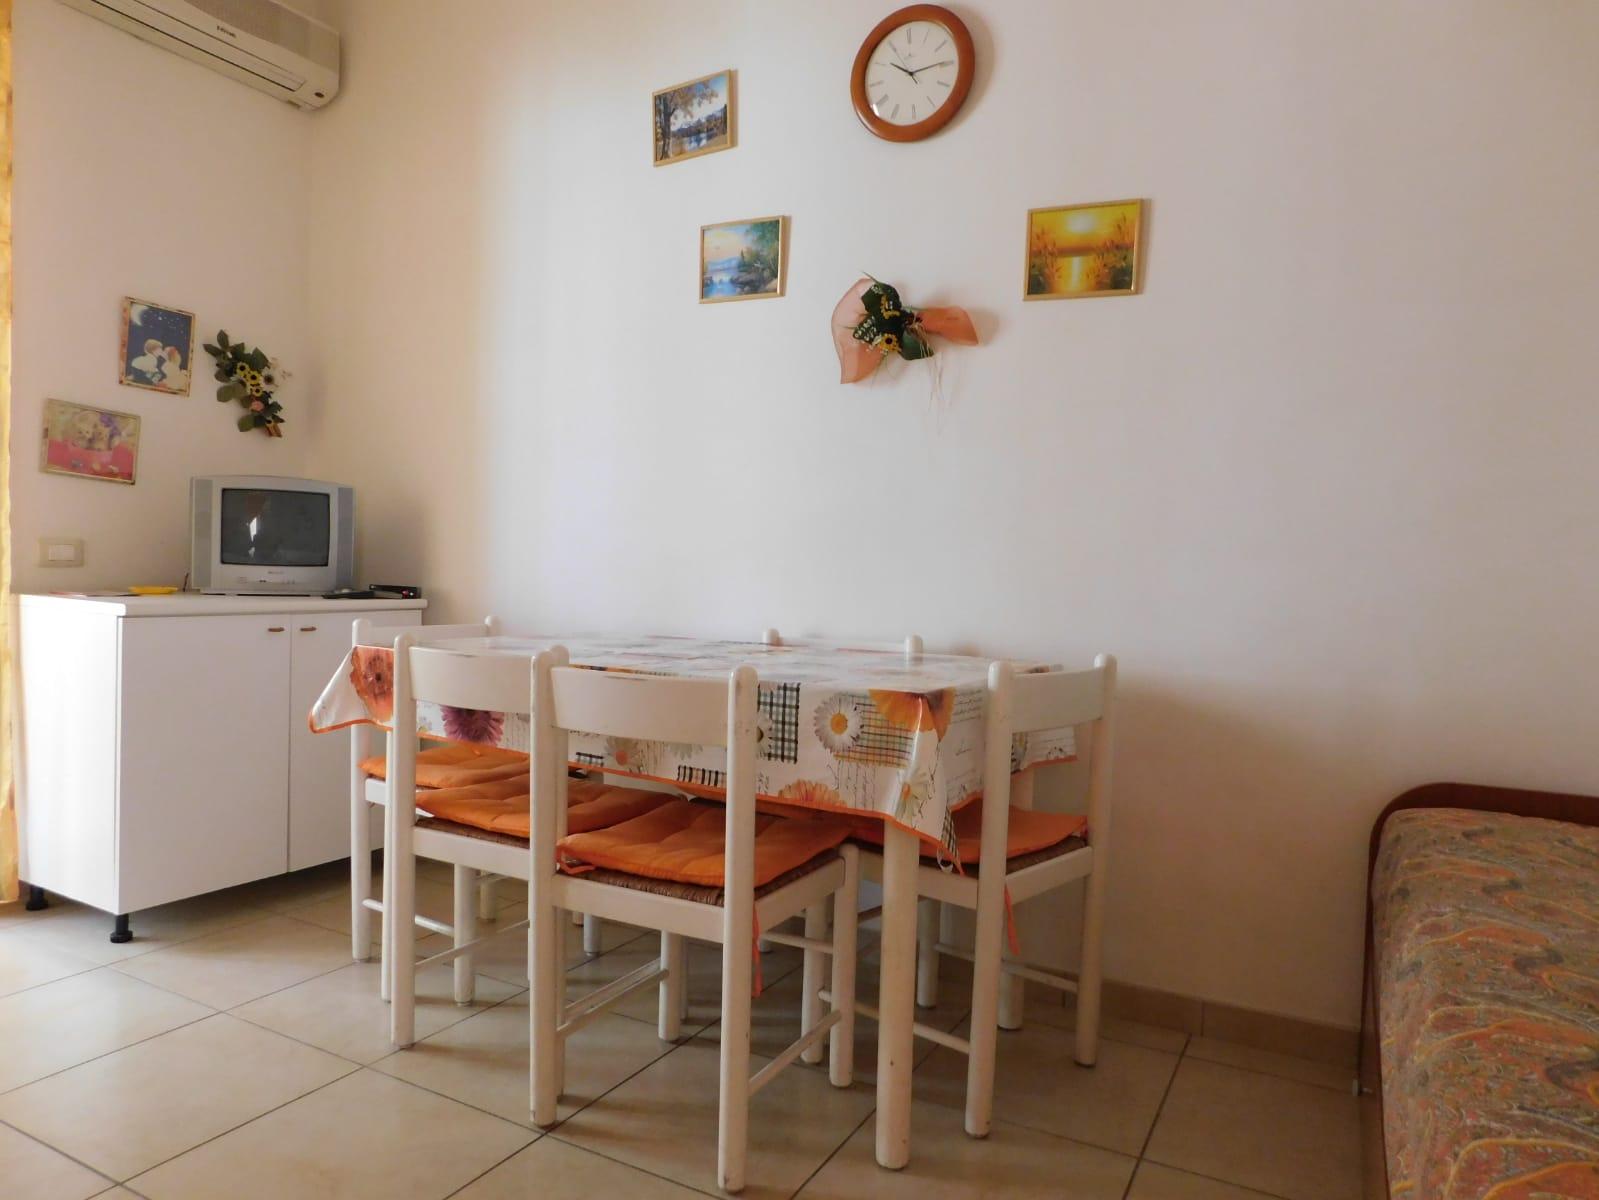 affitto appartamento mare gallipoli 5249 (20190716200757-2019-80279-NDP.jpg)